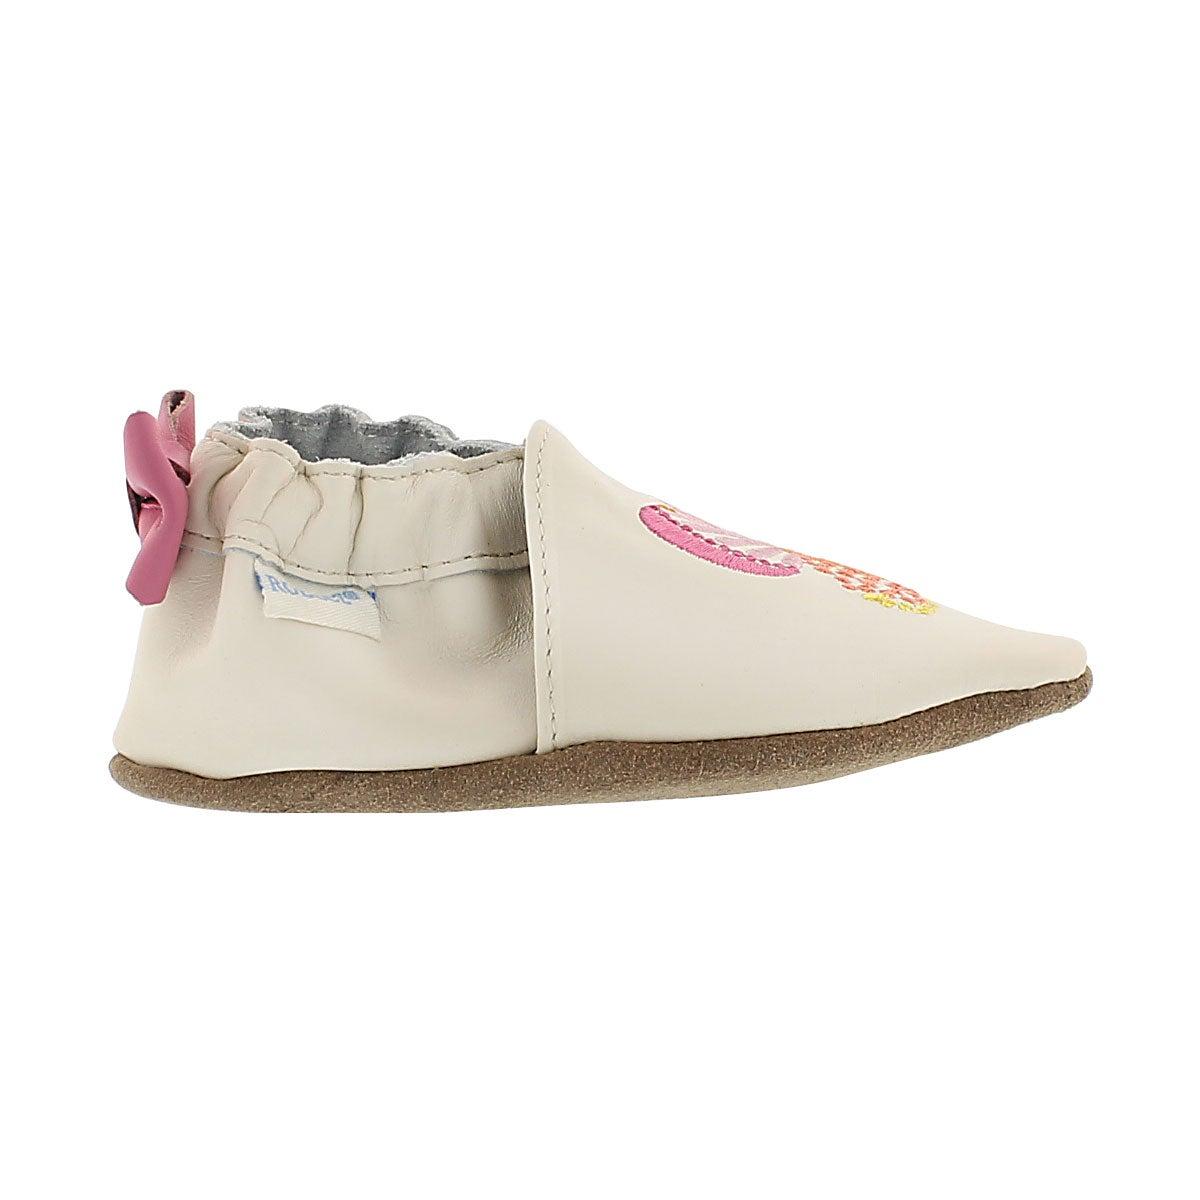 Inf Butterfly Kisses cream soft slipper